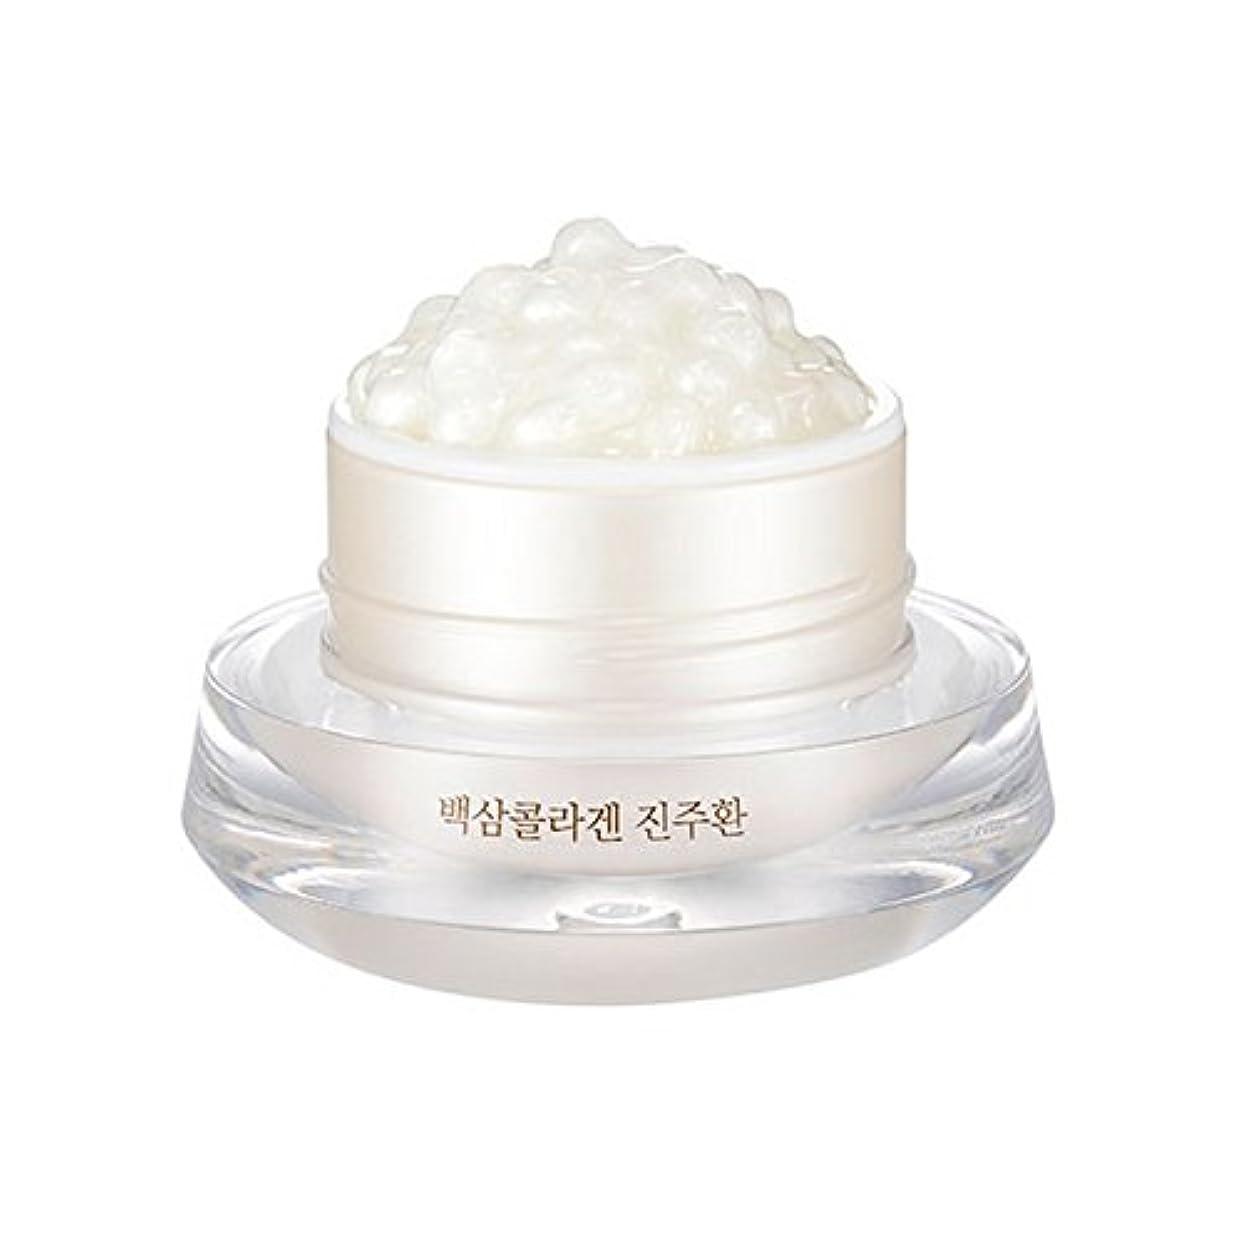 推進貸し手ひどく[ザ?フェイスショップ] The Face Shop 白参 コラーゲン パール カプセルクリーム White Ginseng Collagen Pearl Capsule Cream [並行輸入品]